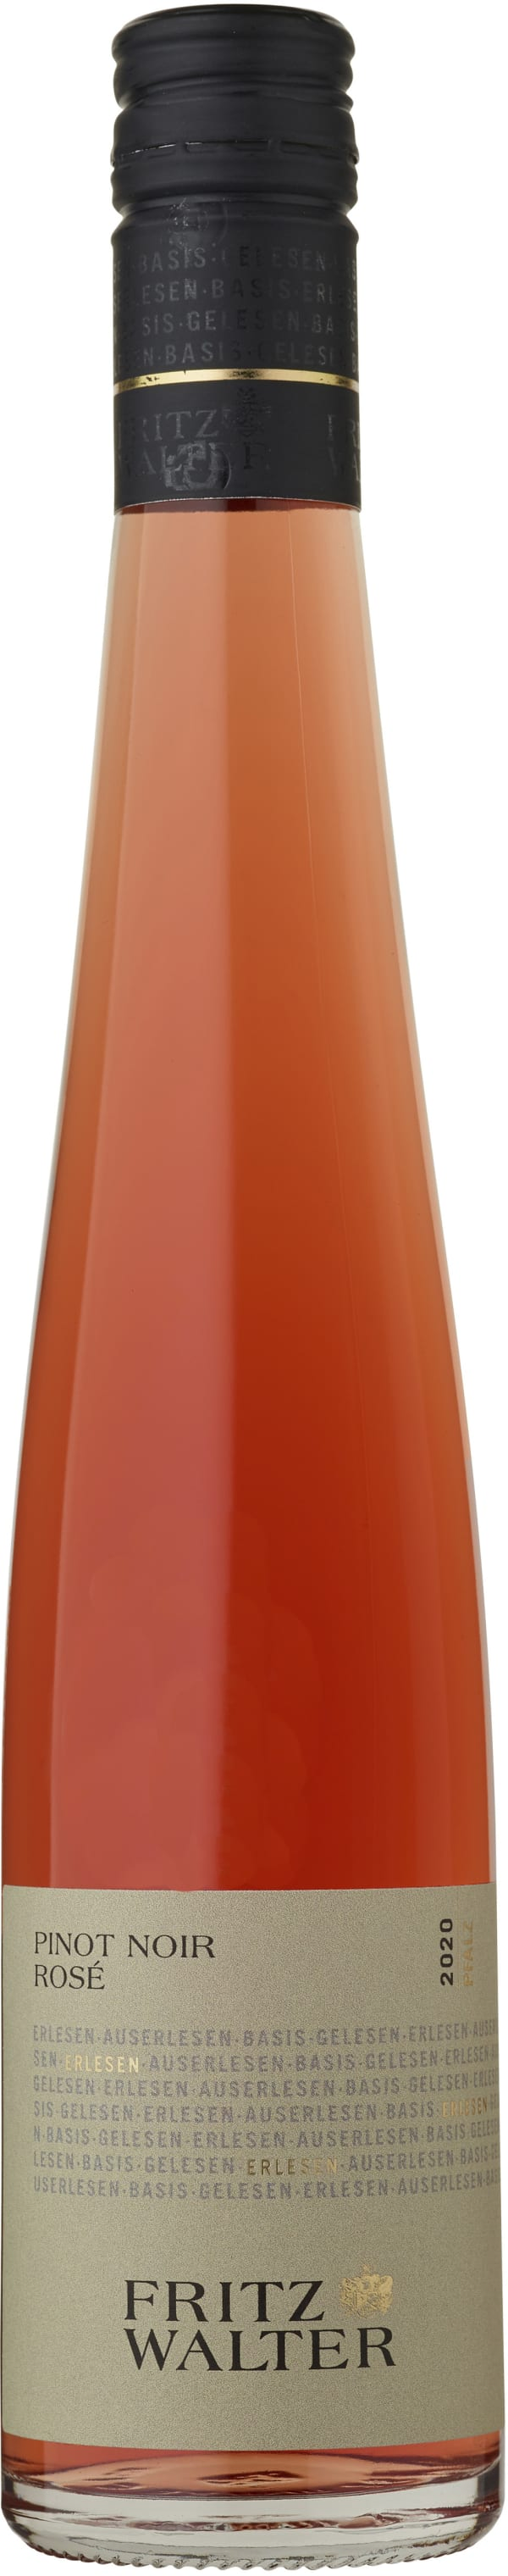 Fritz Walter Pinot Noir Rosé 2019